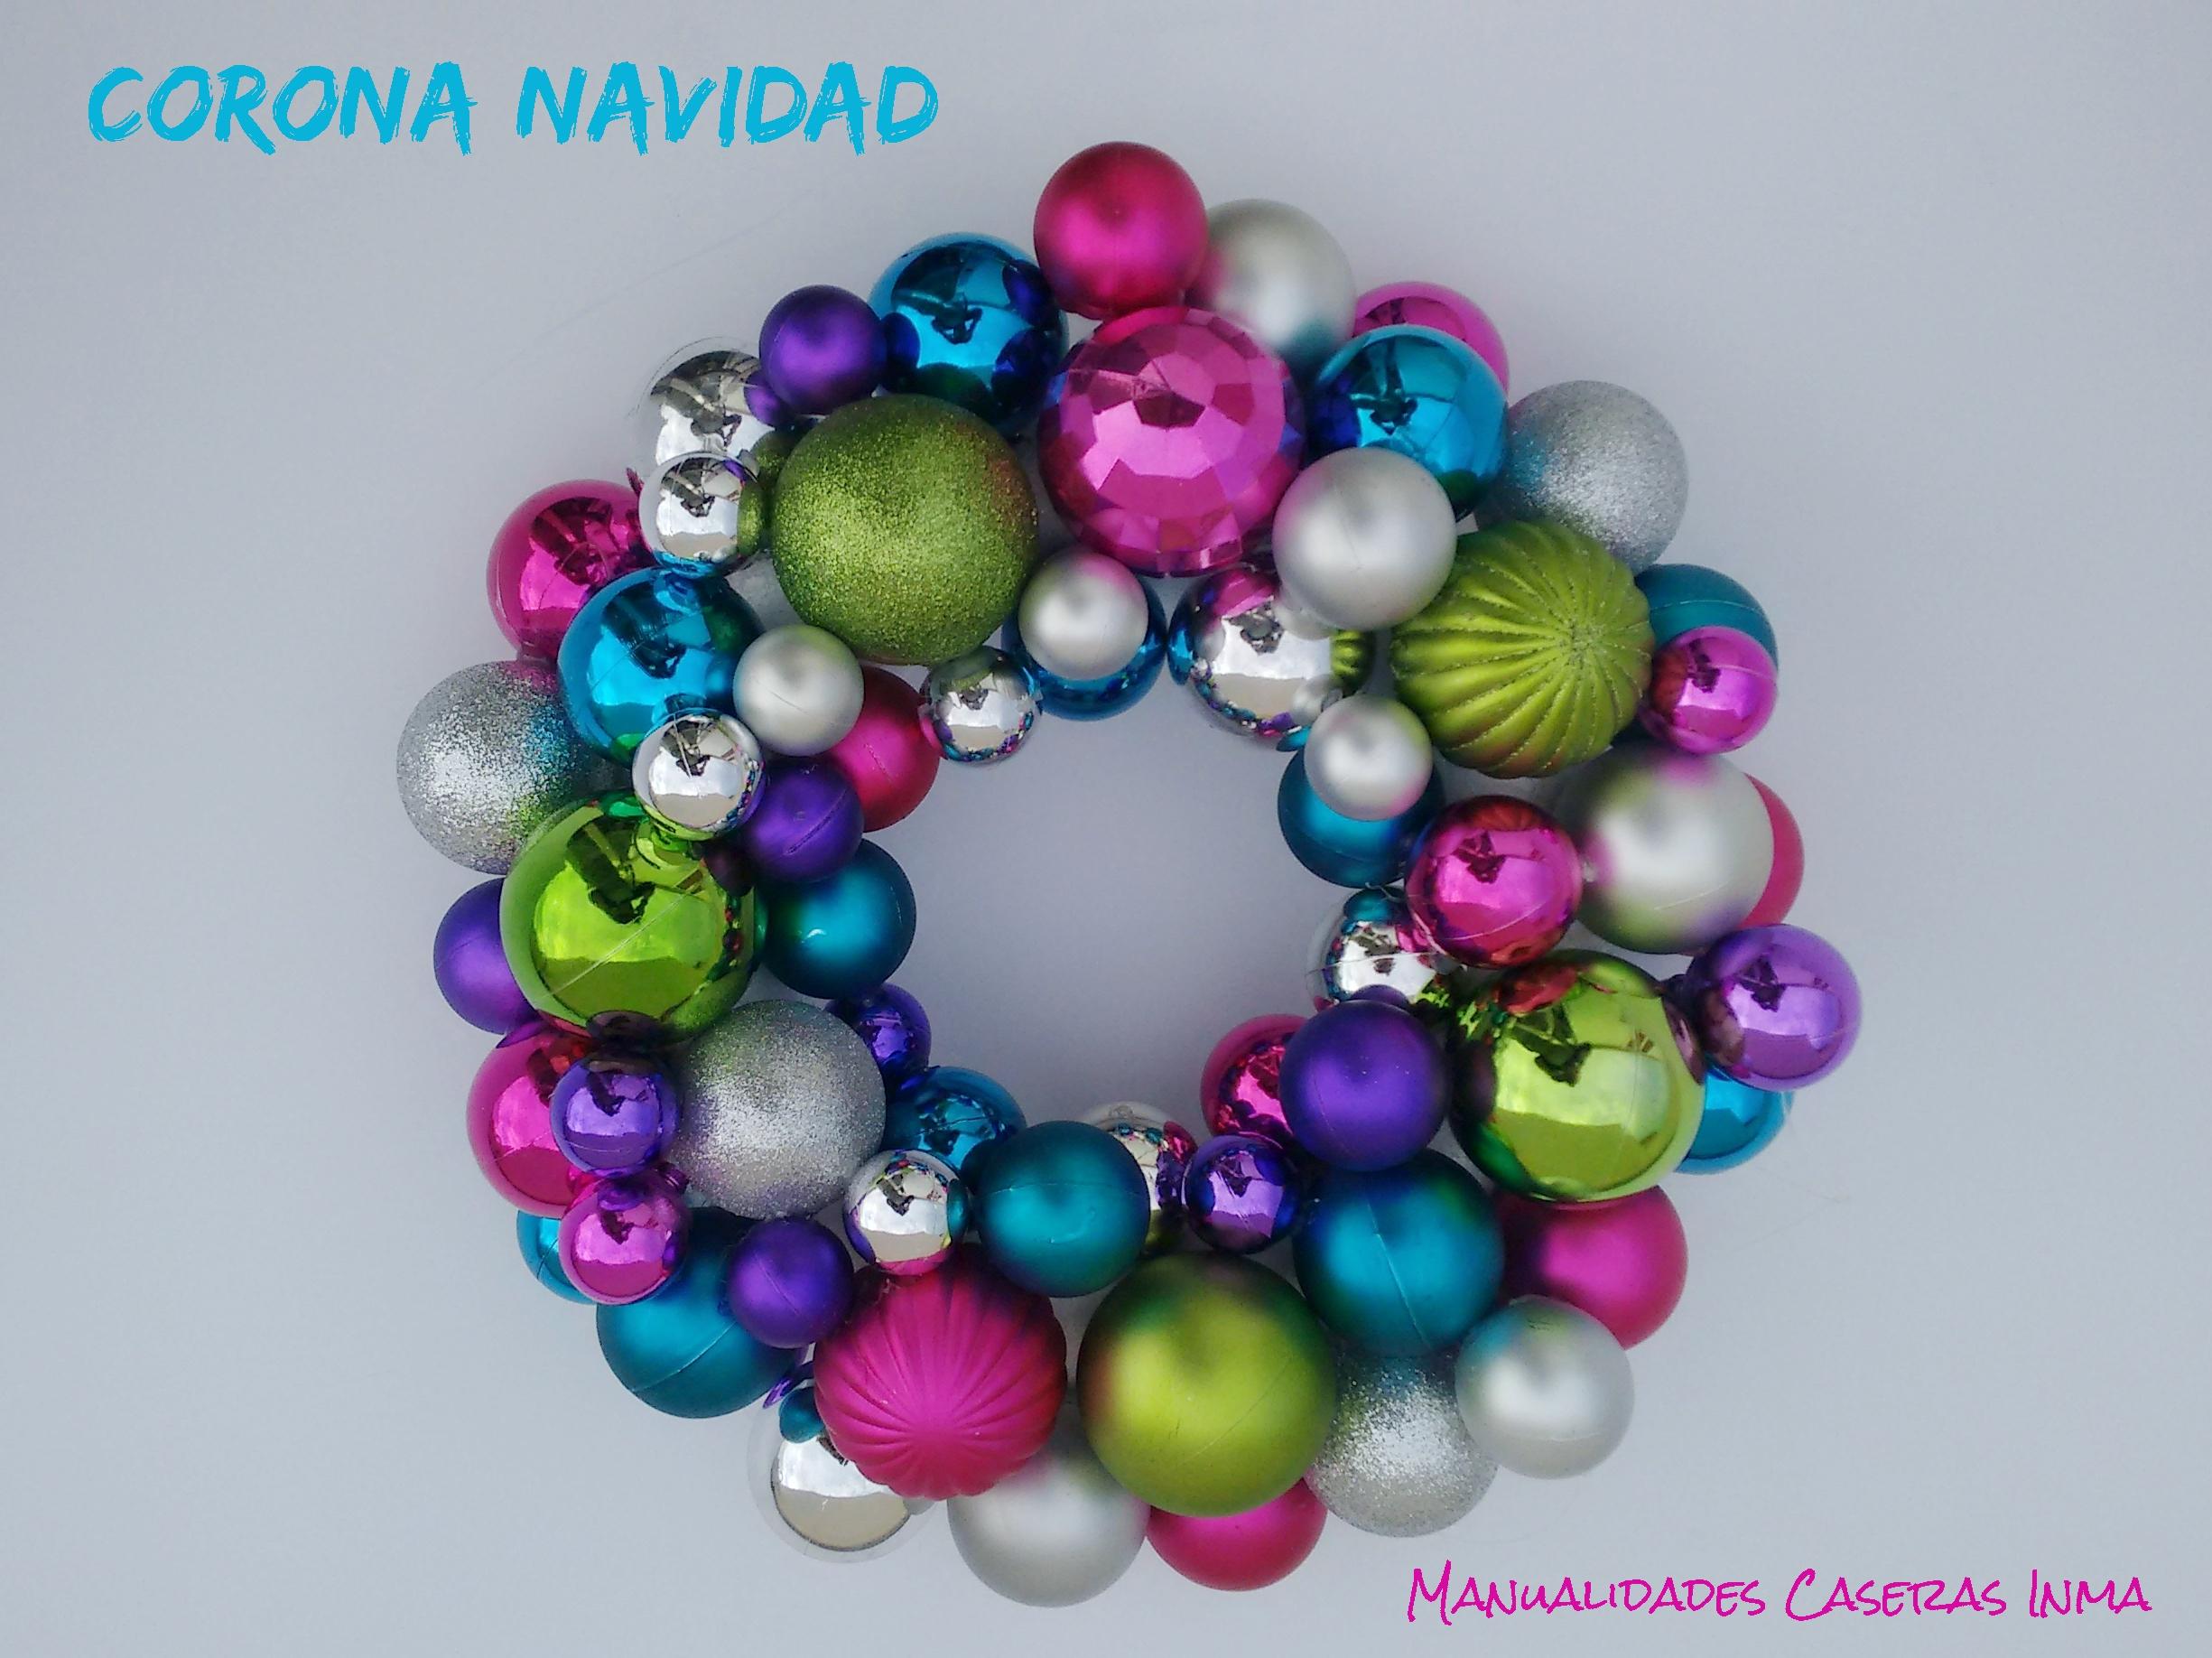 Manualidades Caseras Inma_corona de bolas navideñas